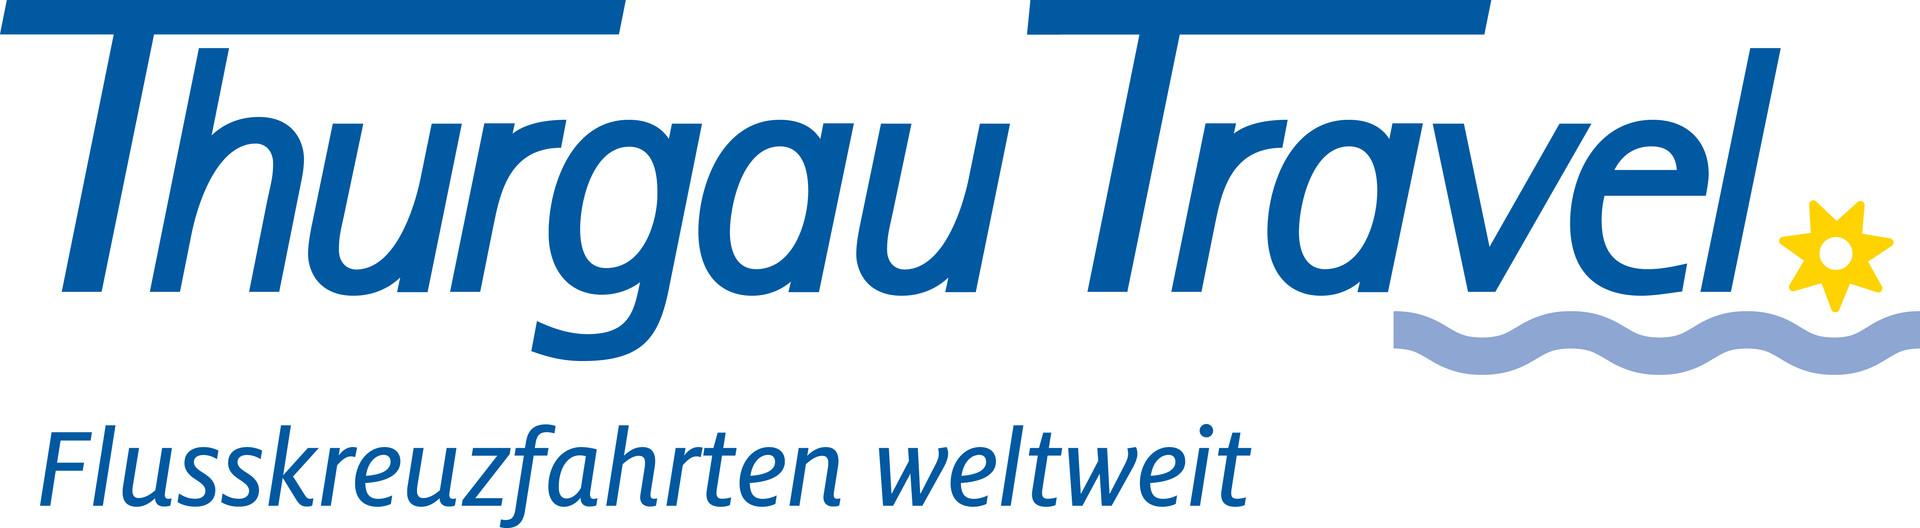 Logo_Thurgau Travel.jpg